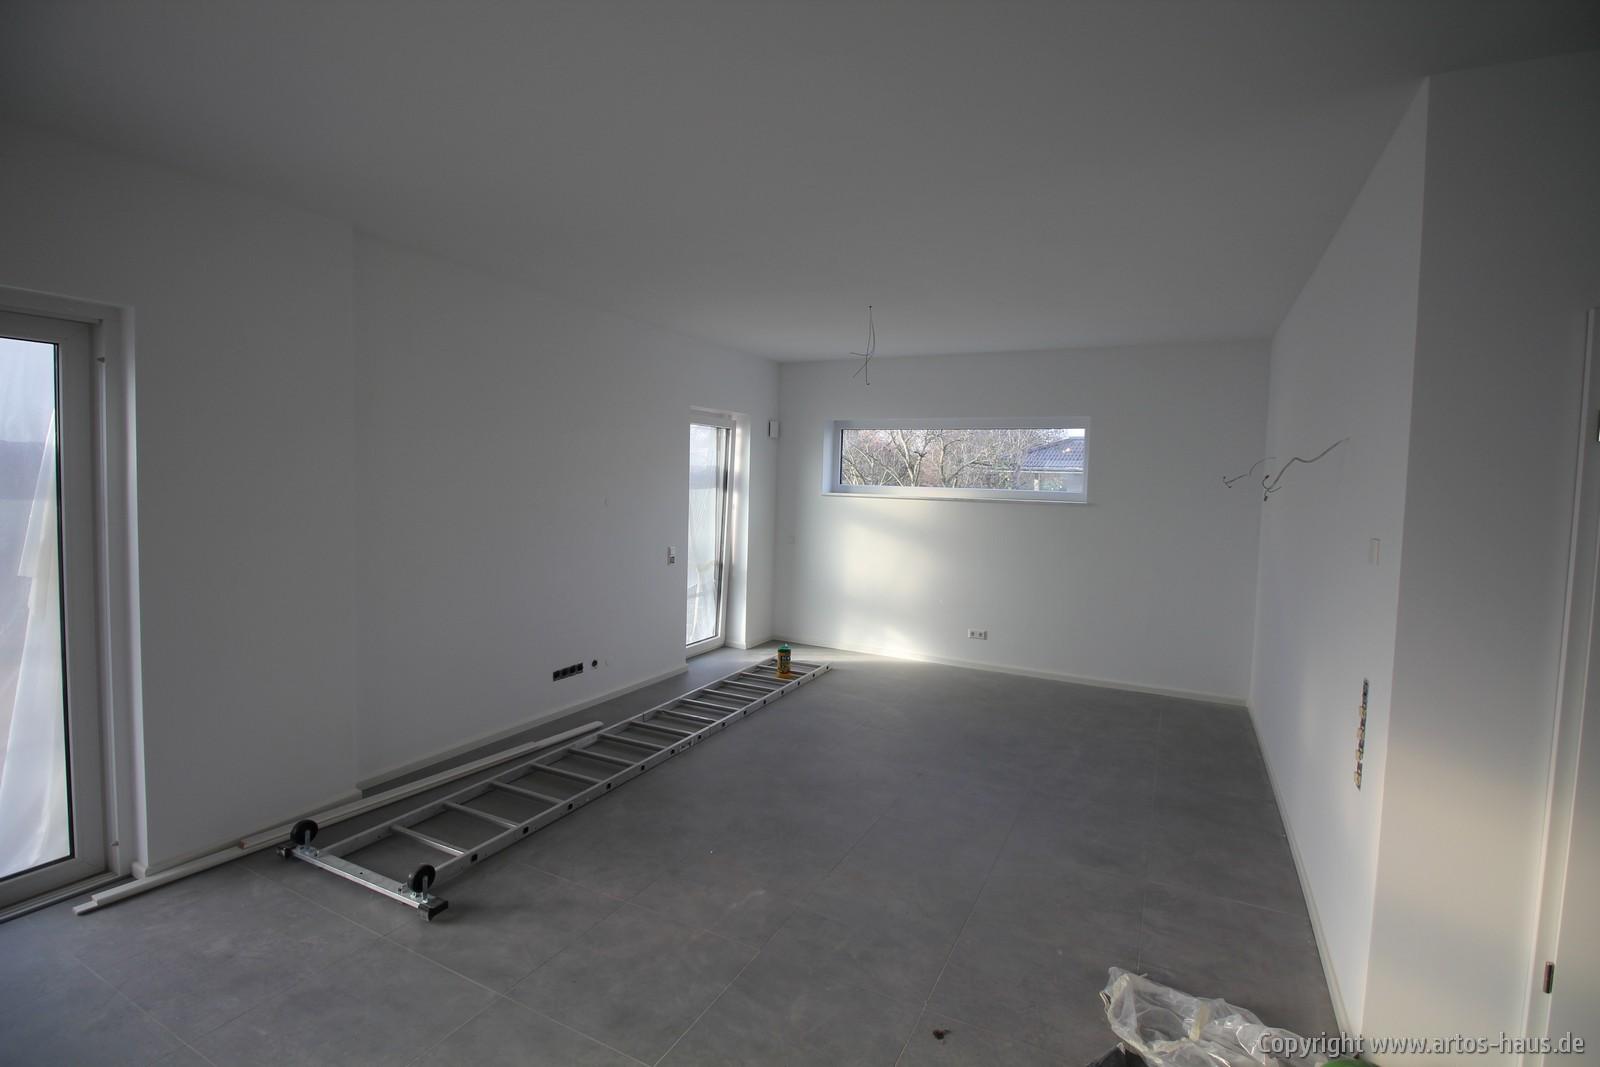 Artos Bauvorhaben in 53332 Bornheim-Roisdorf Innenausbau 8